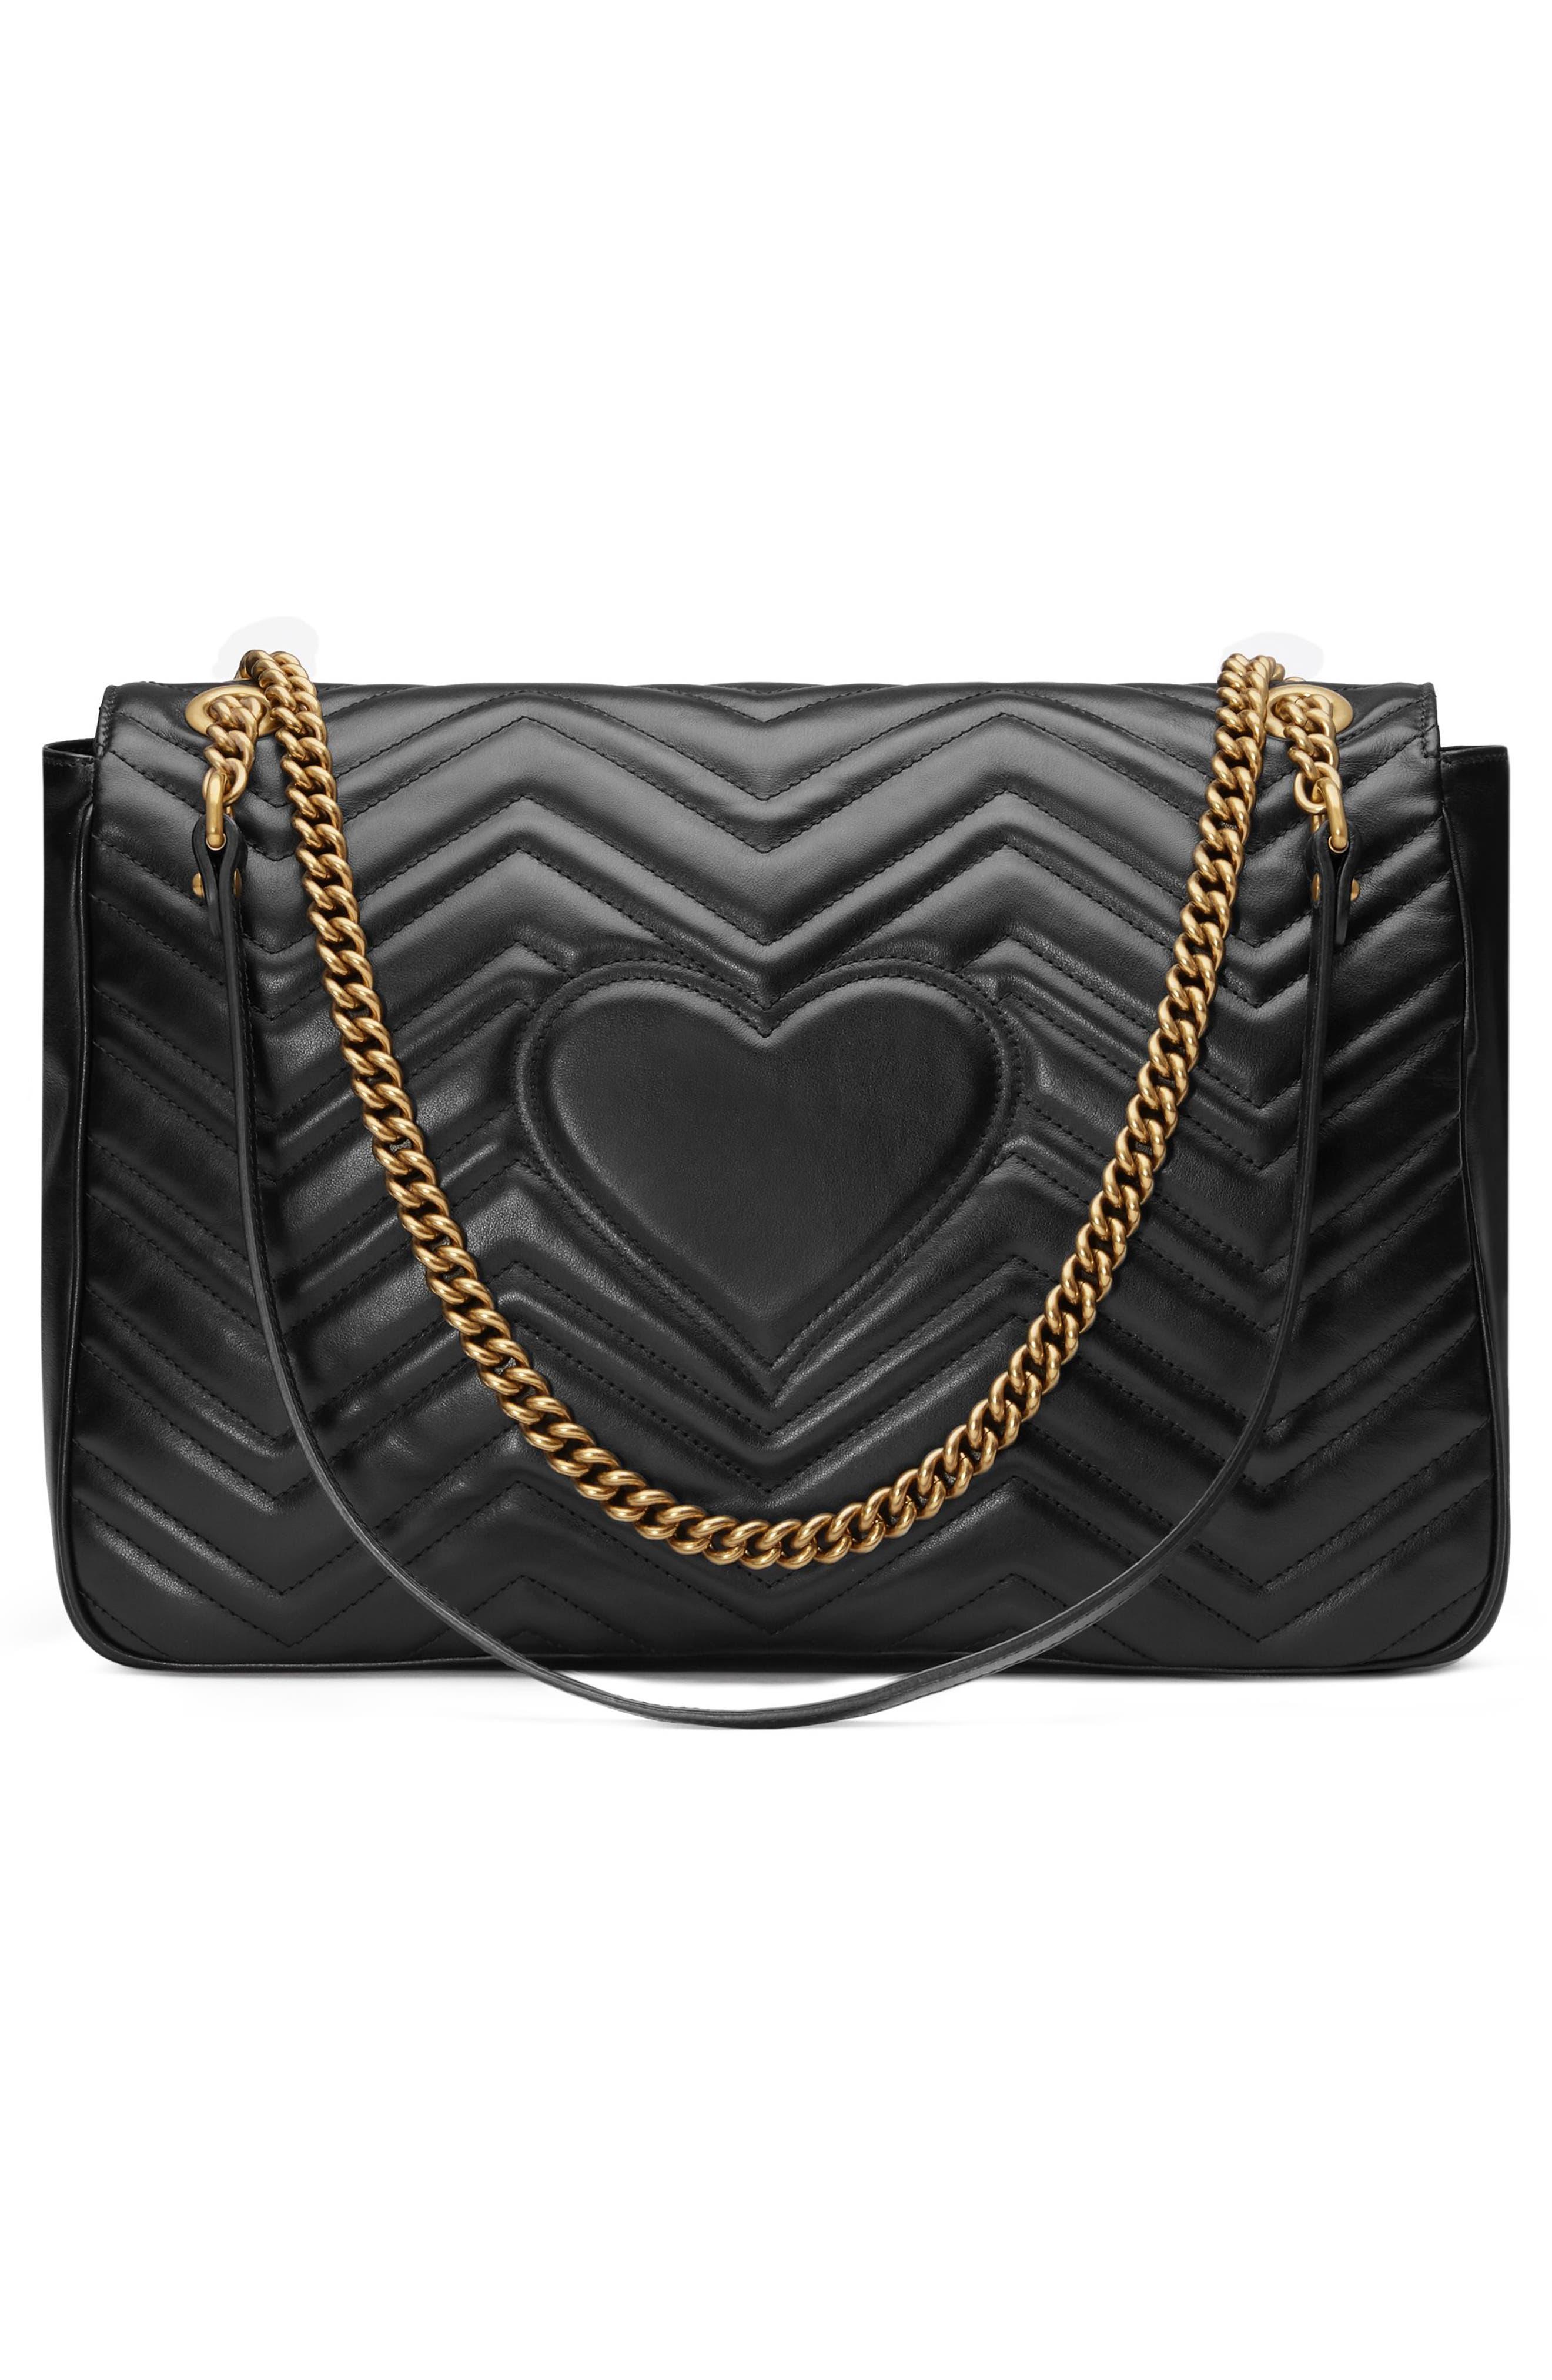 GUCCI, GG Large Marmont 2.0 Matelassé Leather Shoulder Bag, Alternate thumbnail 3, color, NERO